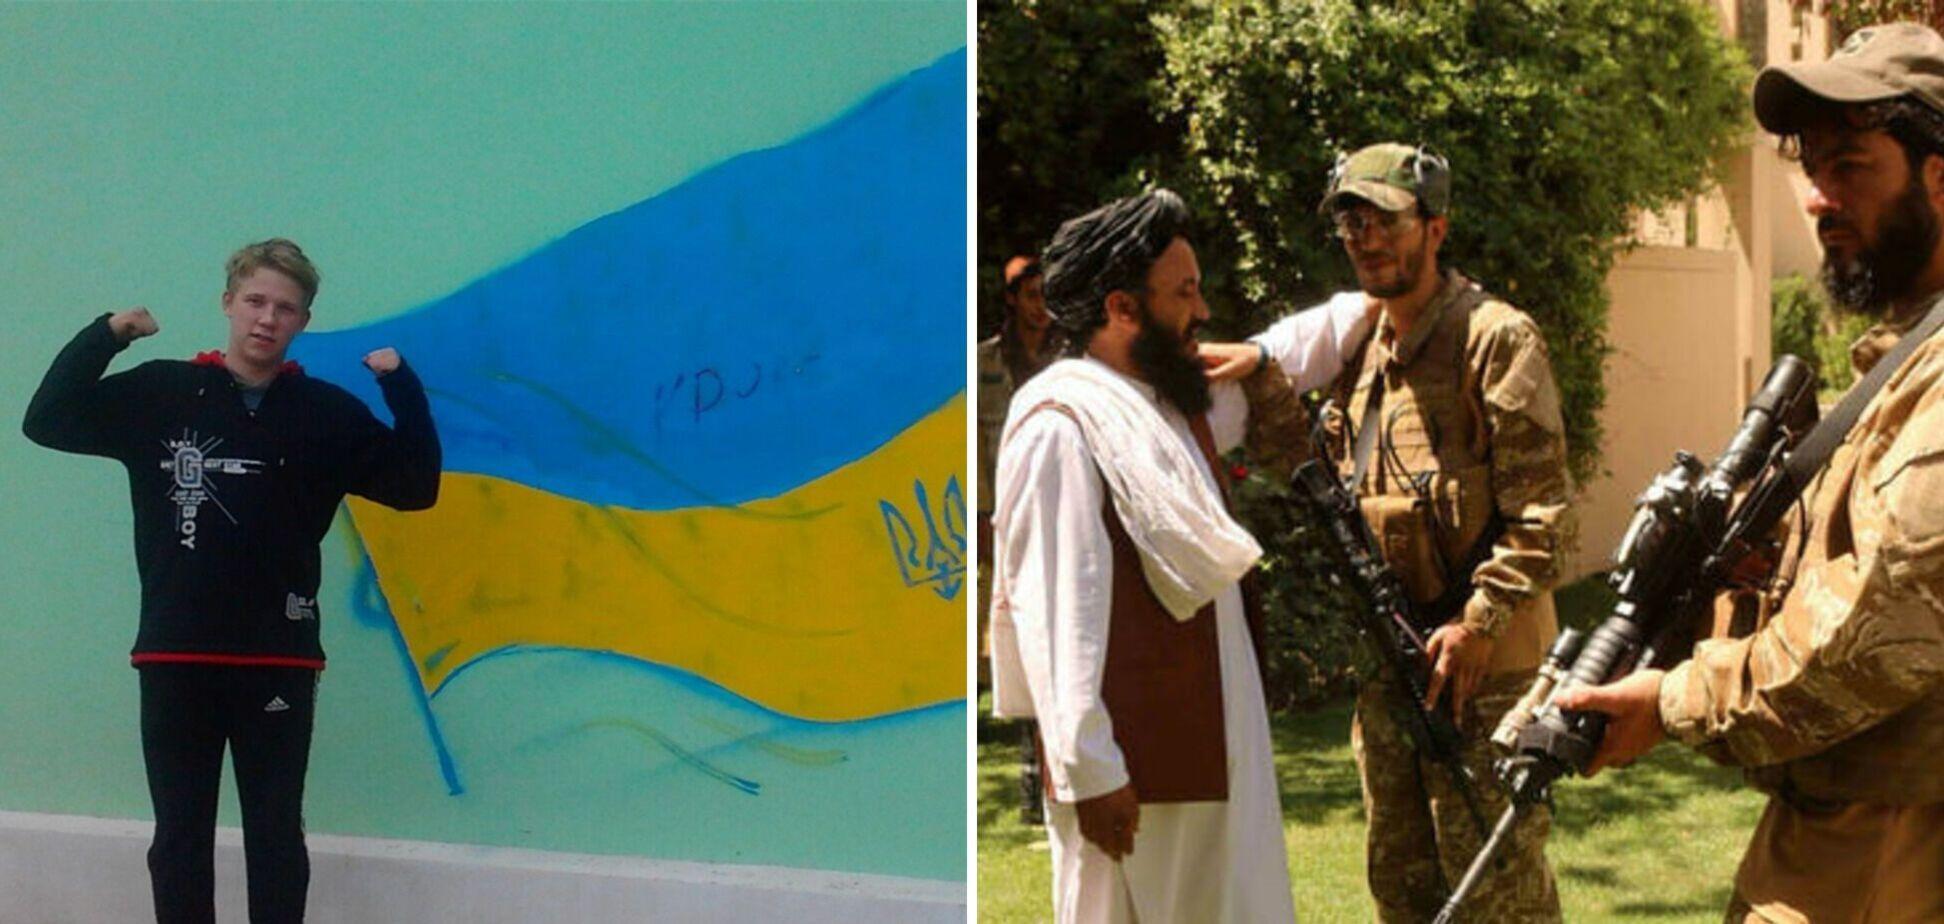 Подвійні стандарти: чим відрізняються терористи 'російської весни' і 'Талібану'